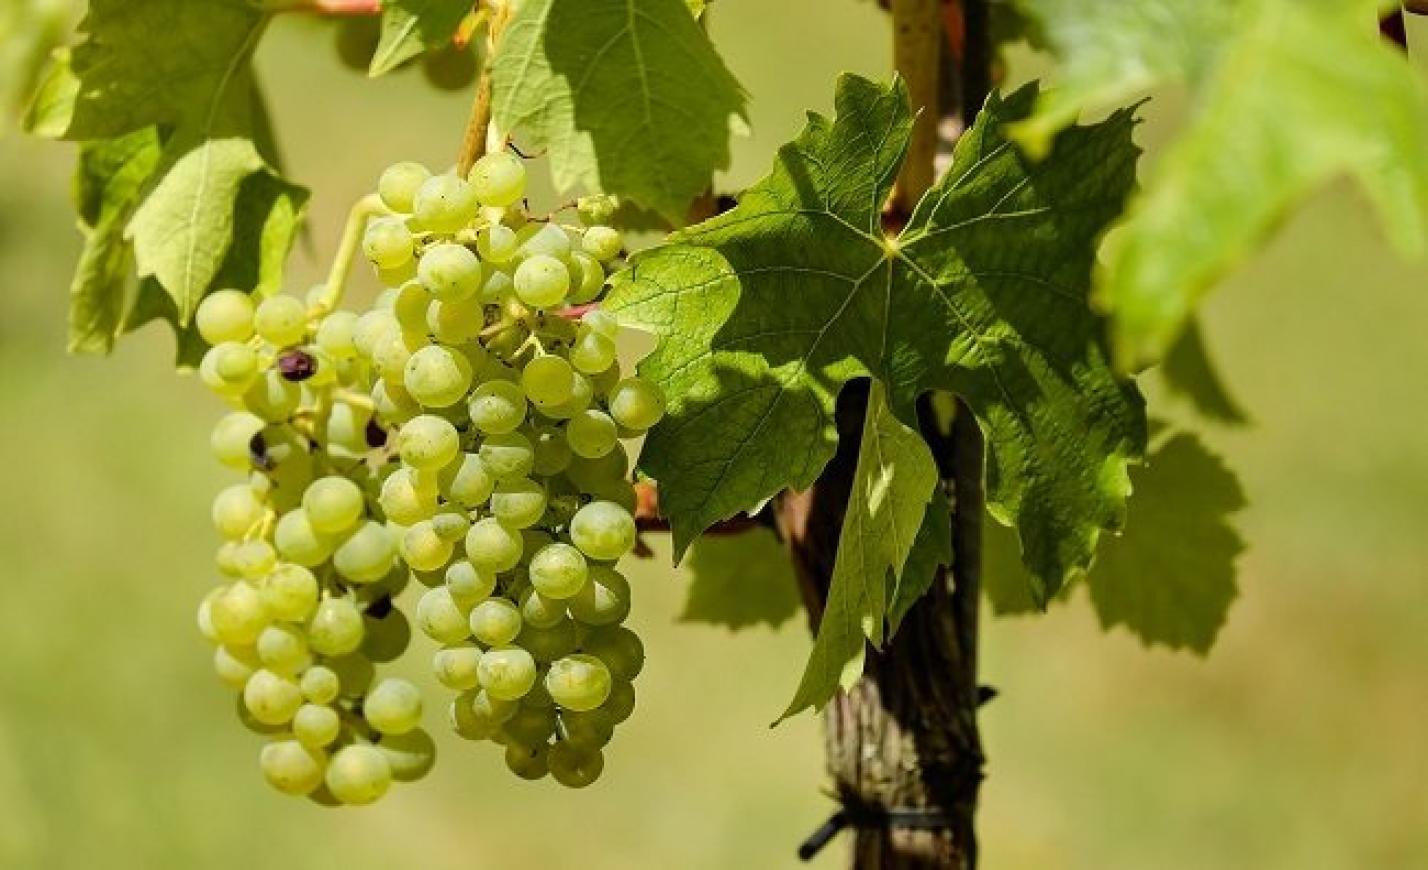 Megbeszélések kezdődnek a szőlőtermelők és a szaktárca között